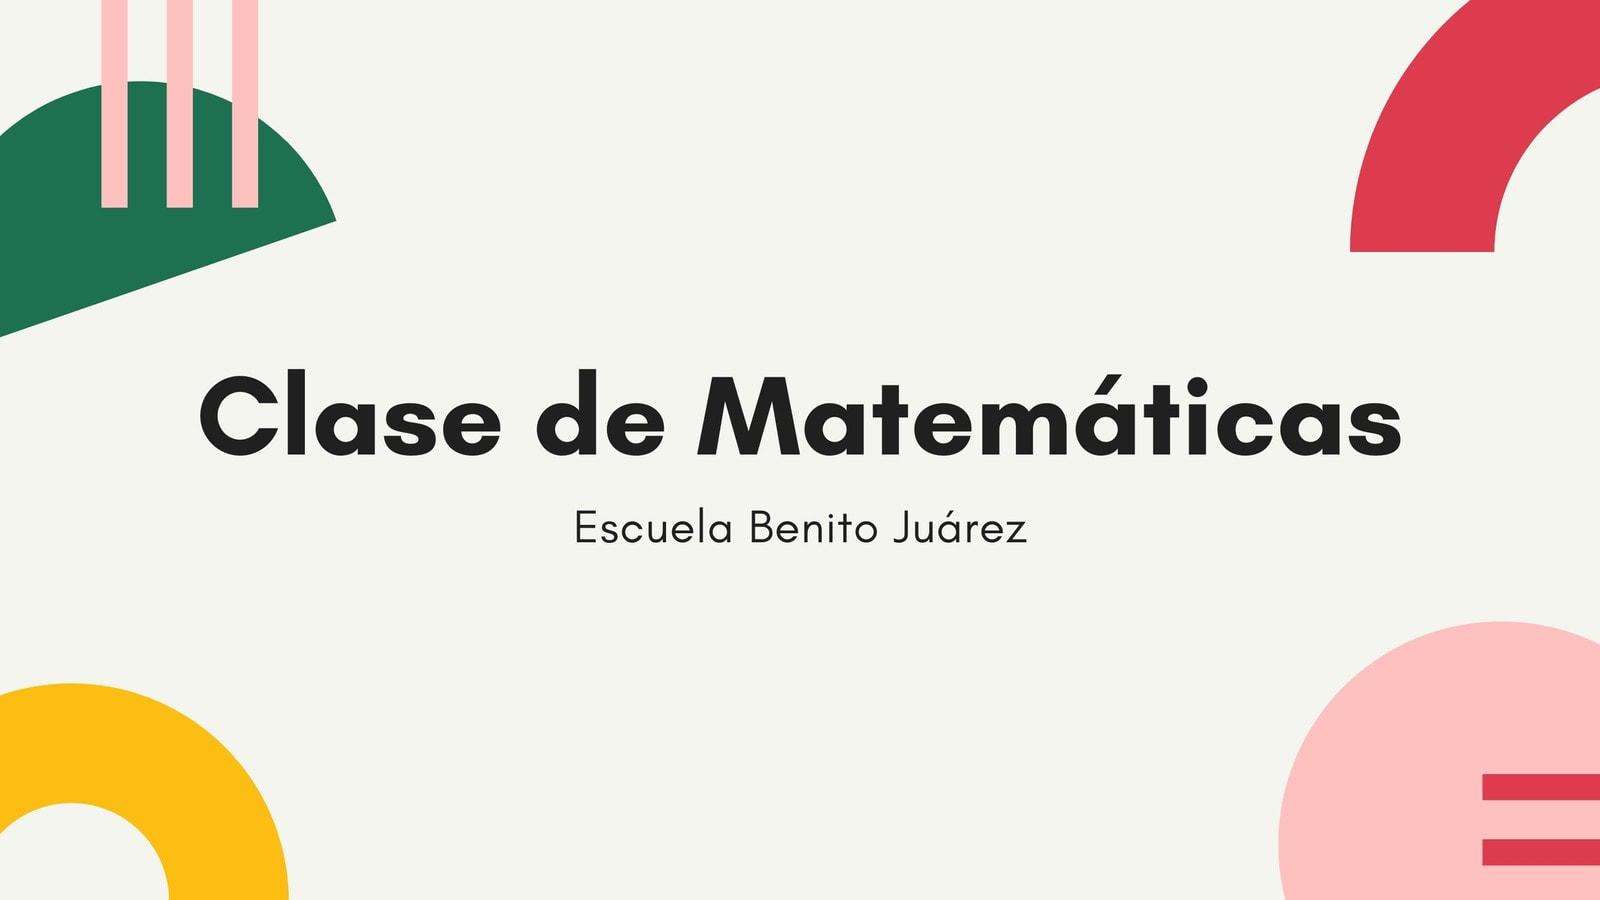 Colorido Geométrico Clase de Matemáticas Educación Presentación